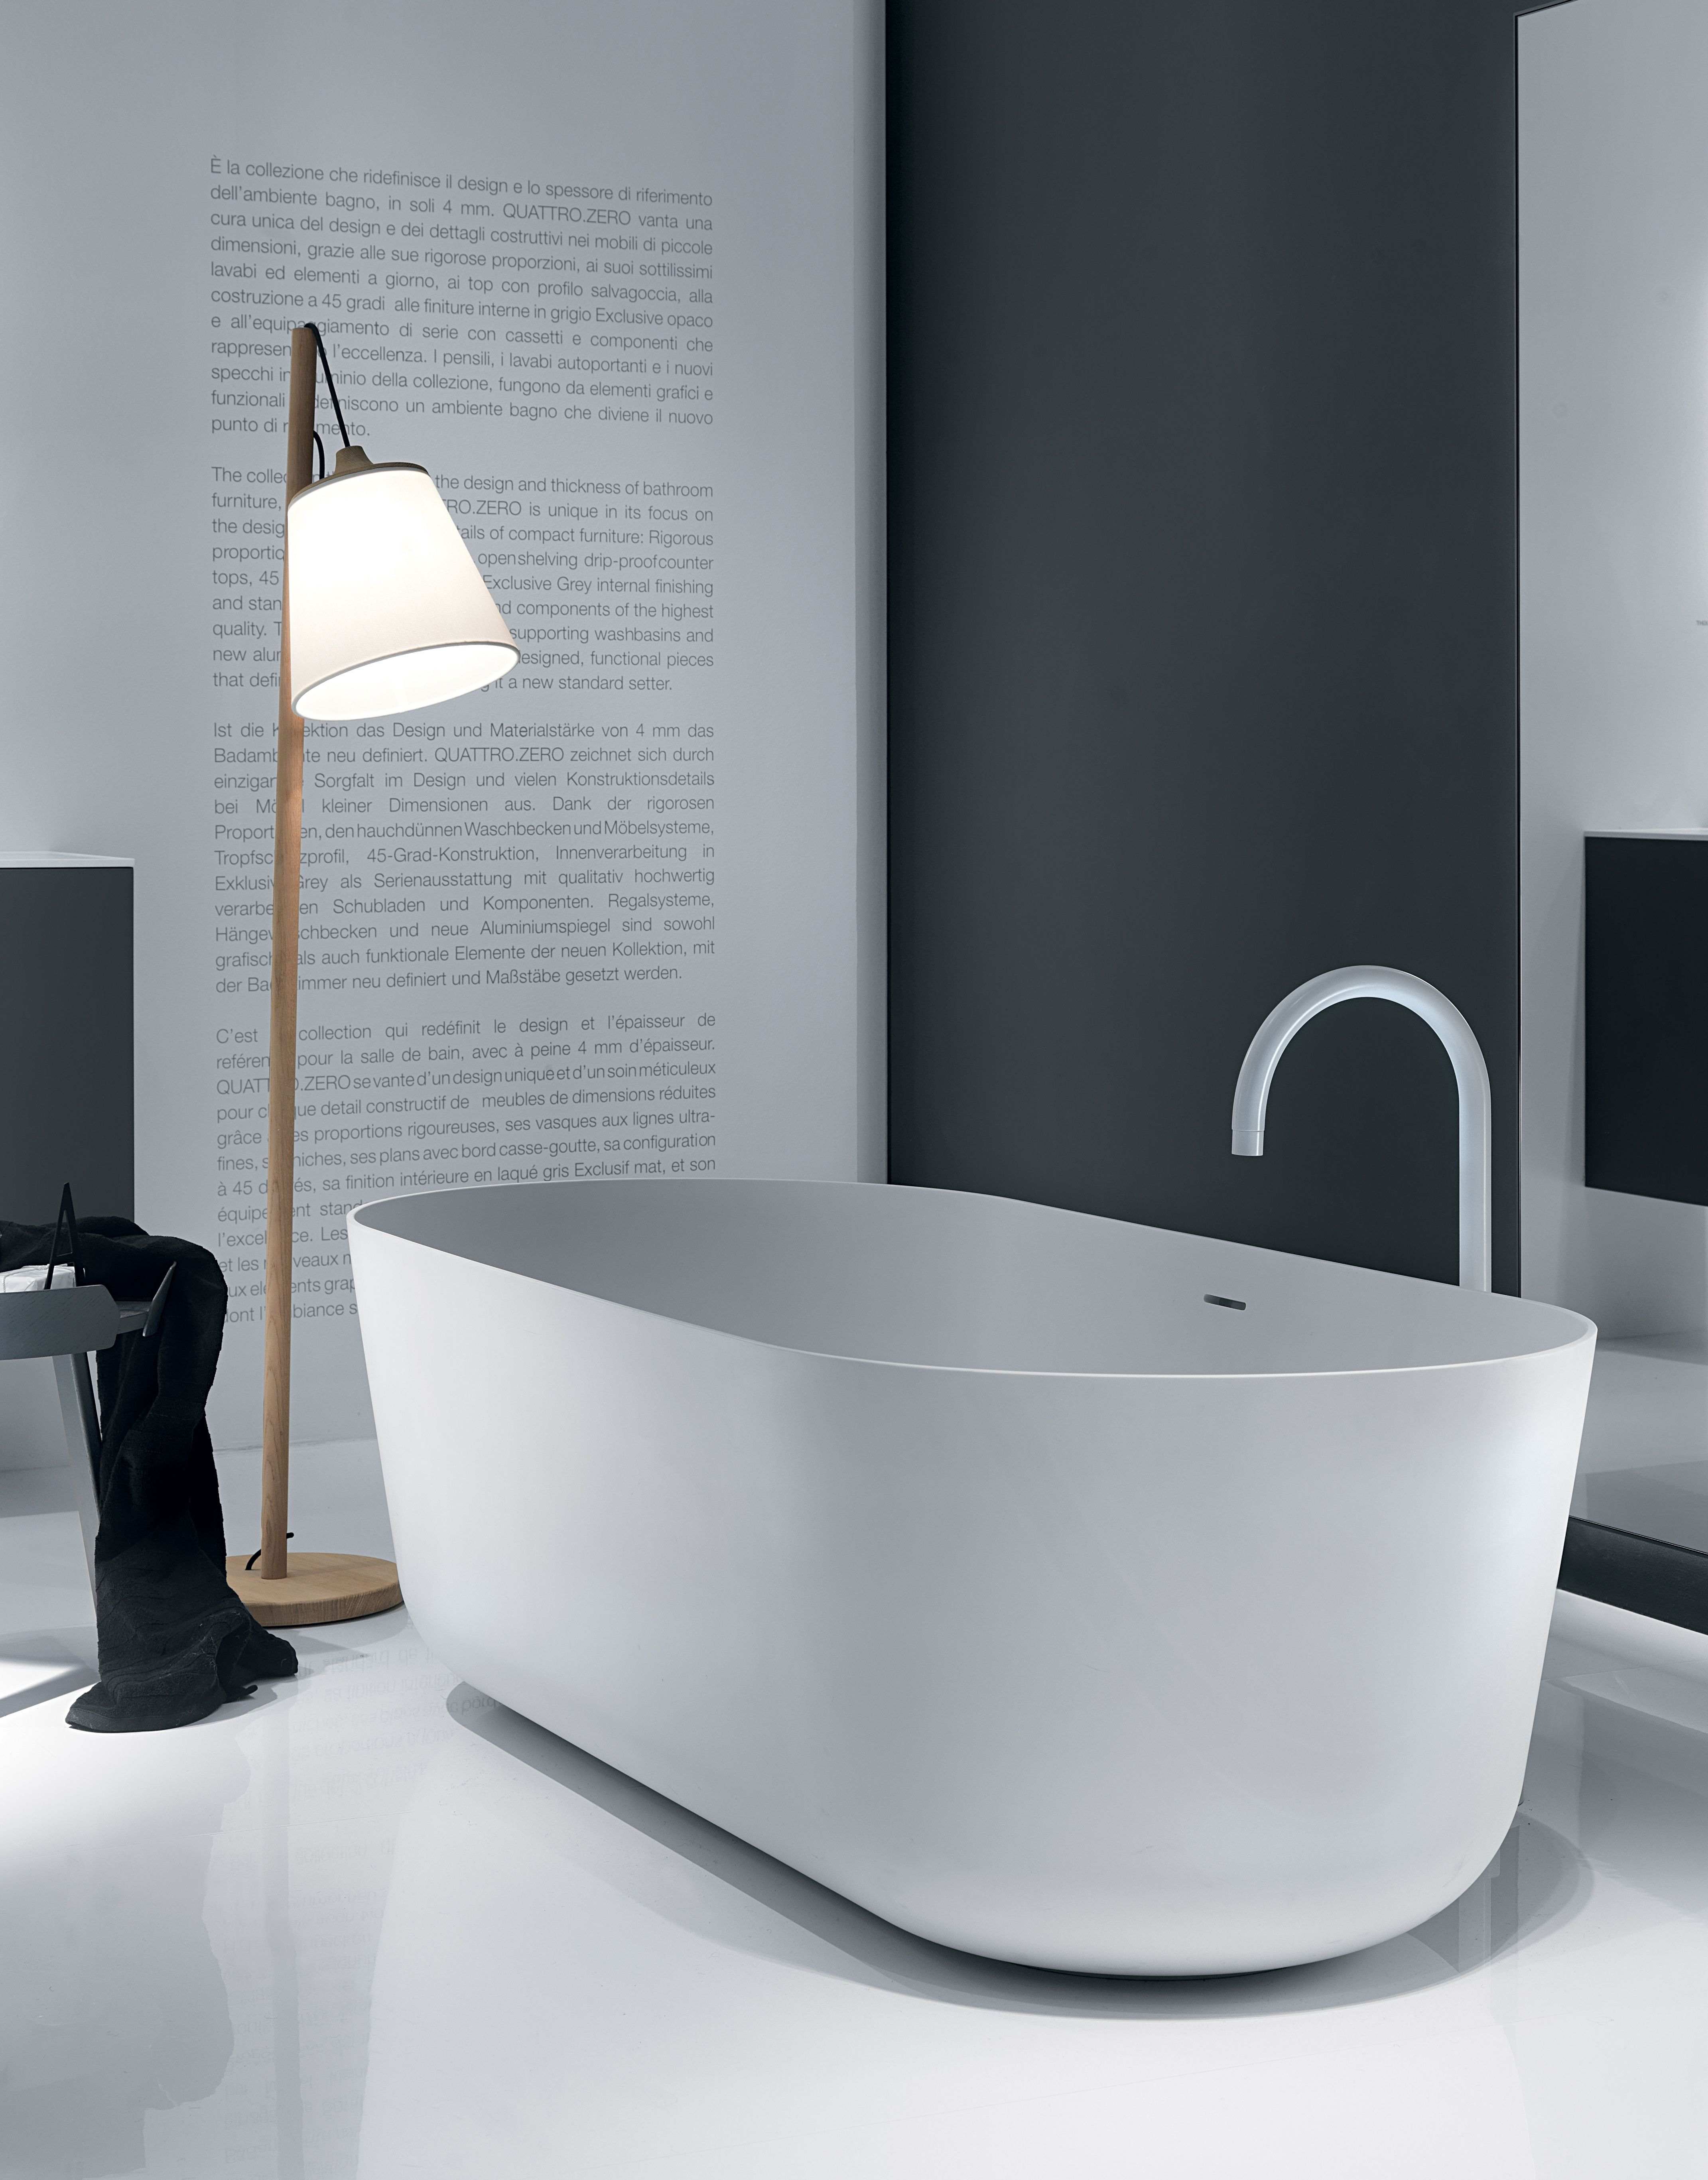 Duschen Oder Baden Das Grosse Duell Im Badezimmer Badewanne Oder